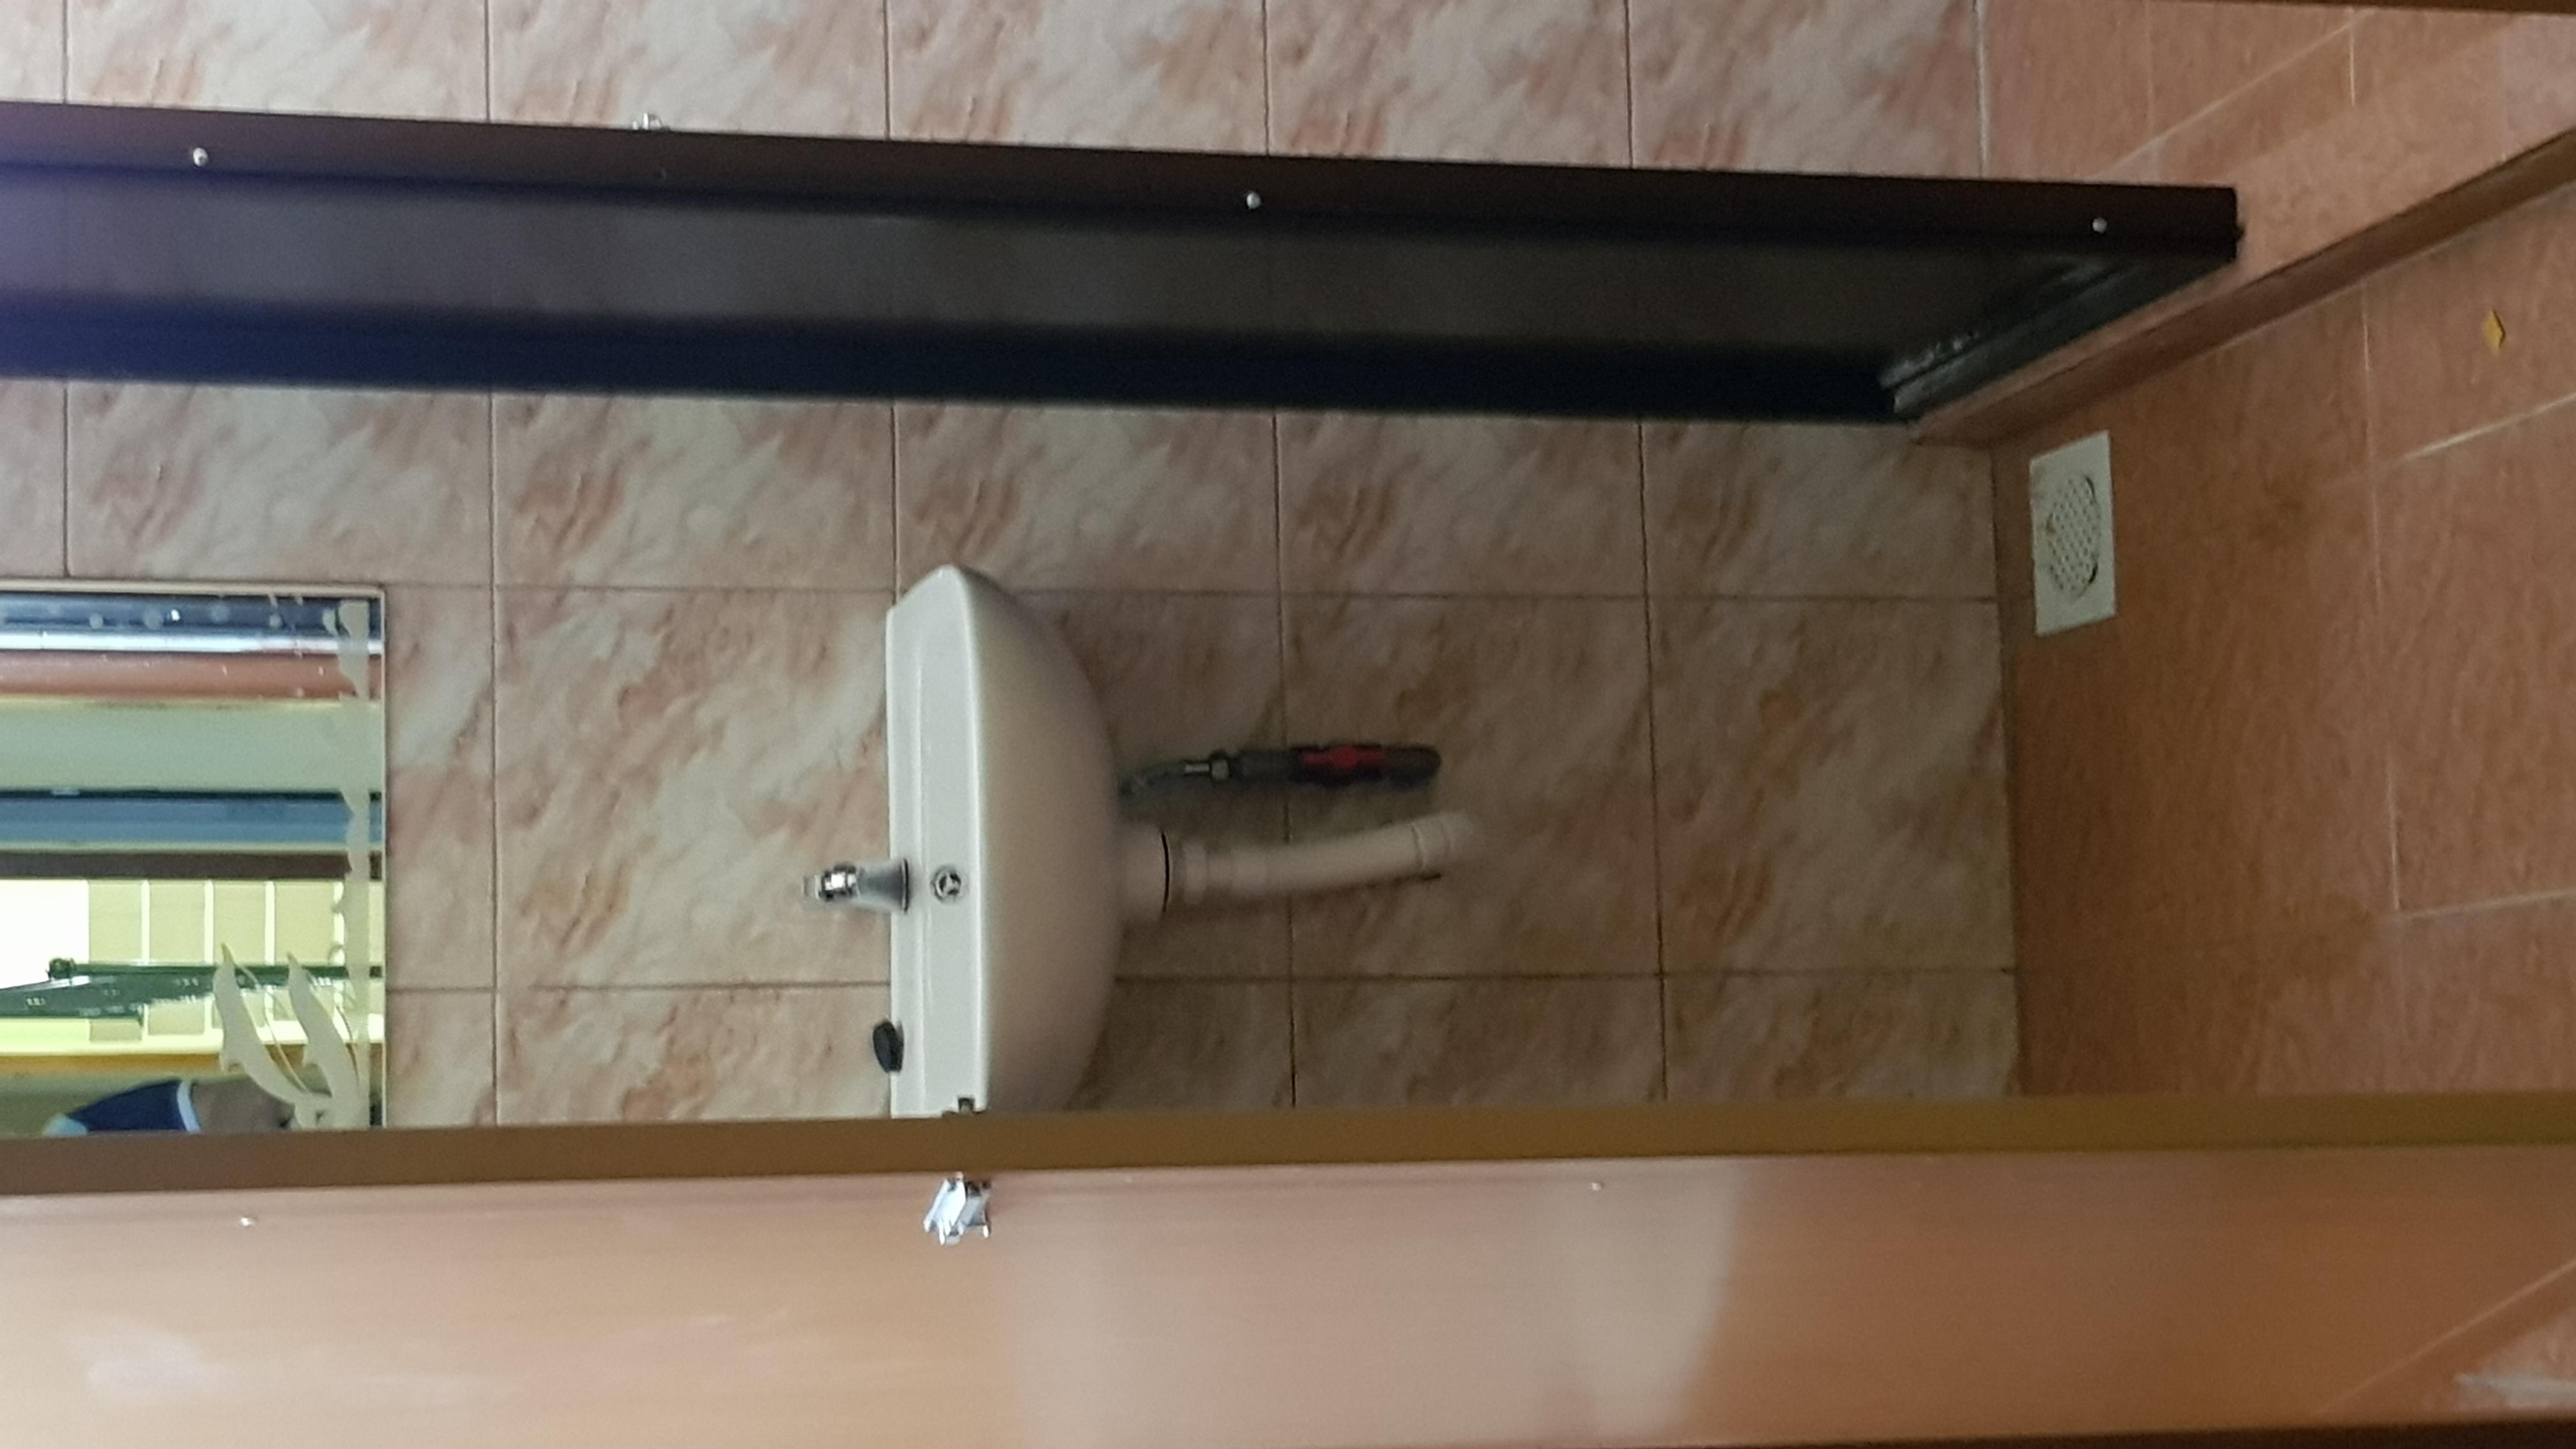 Toilet_Wash Basin_Bath